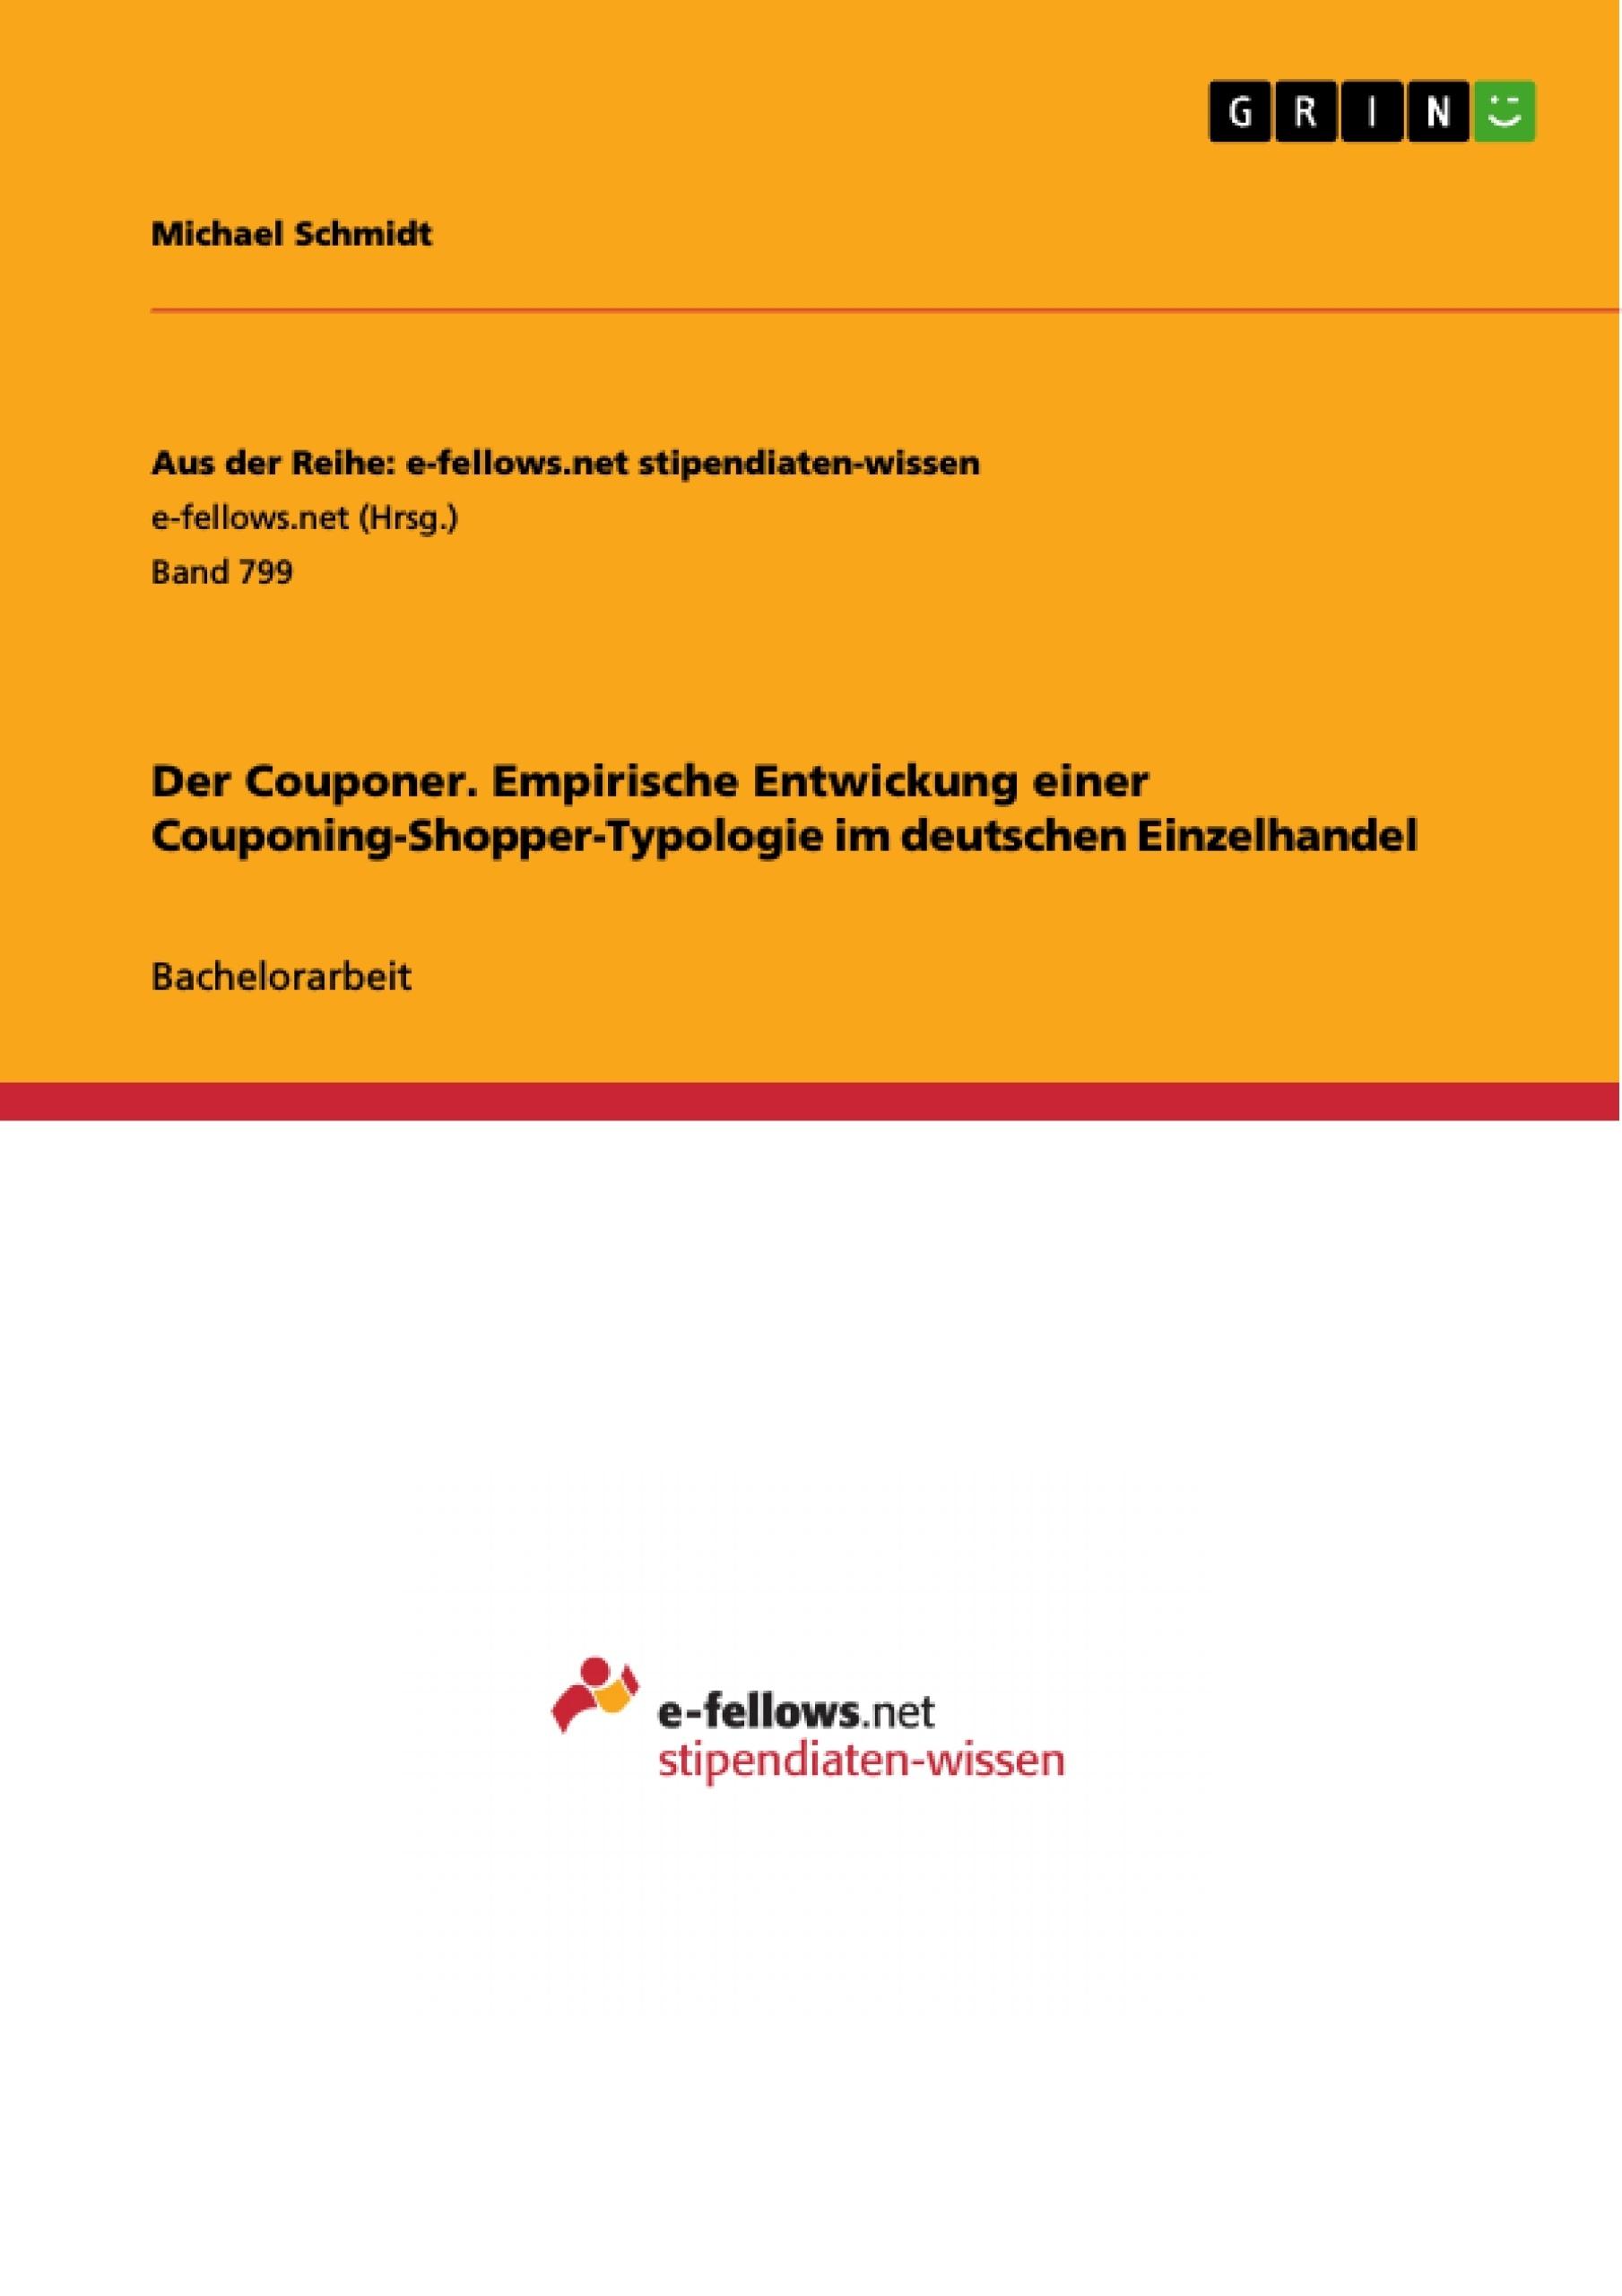 Titel: Der Couponer. Empirische Entwickung einer Couponing-Shopper-Typologie im deutschen Einzelhandel